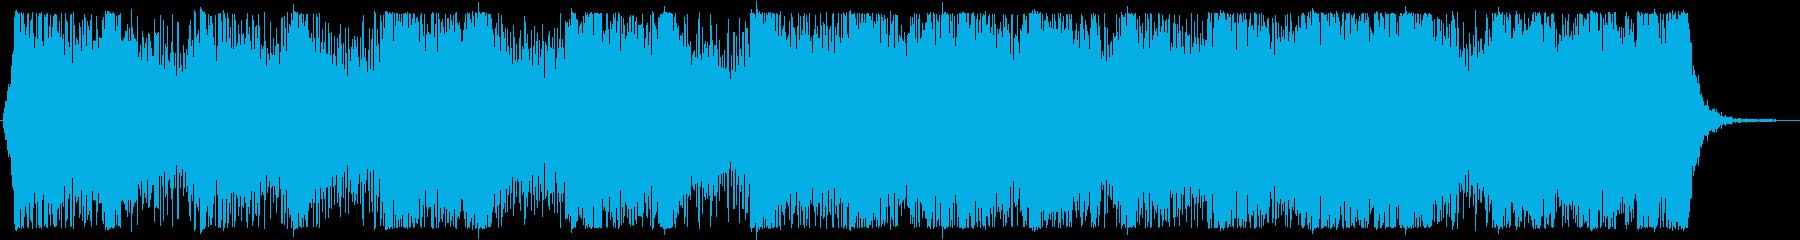 【オーケストラ】壮大で緊迫感のある曲の再生済みの波形